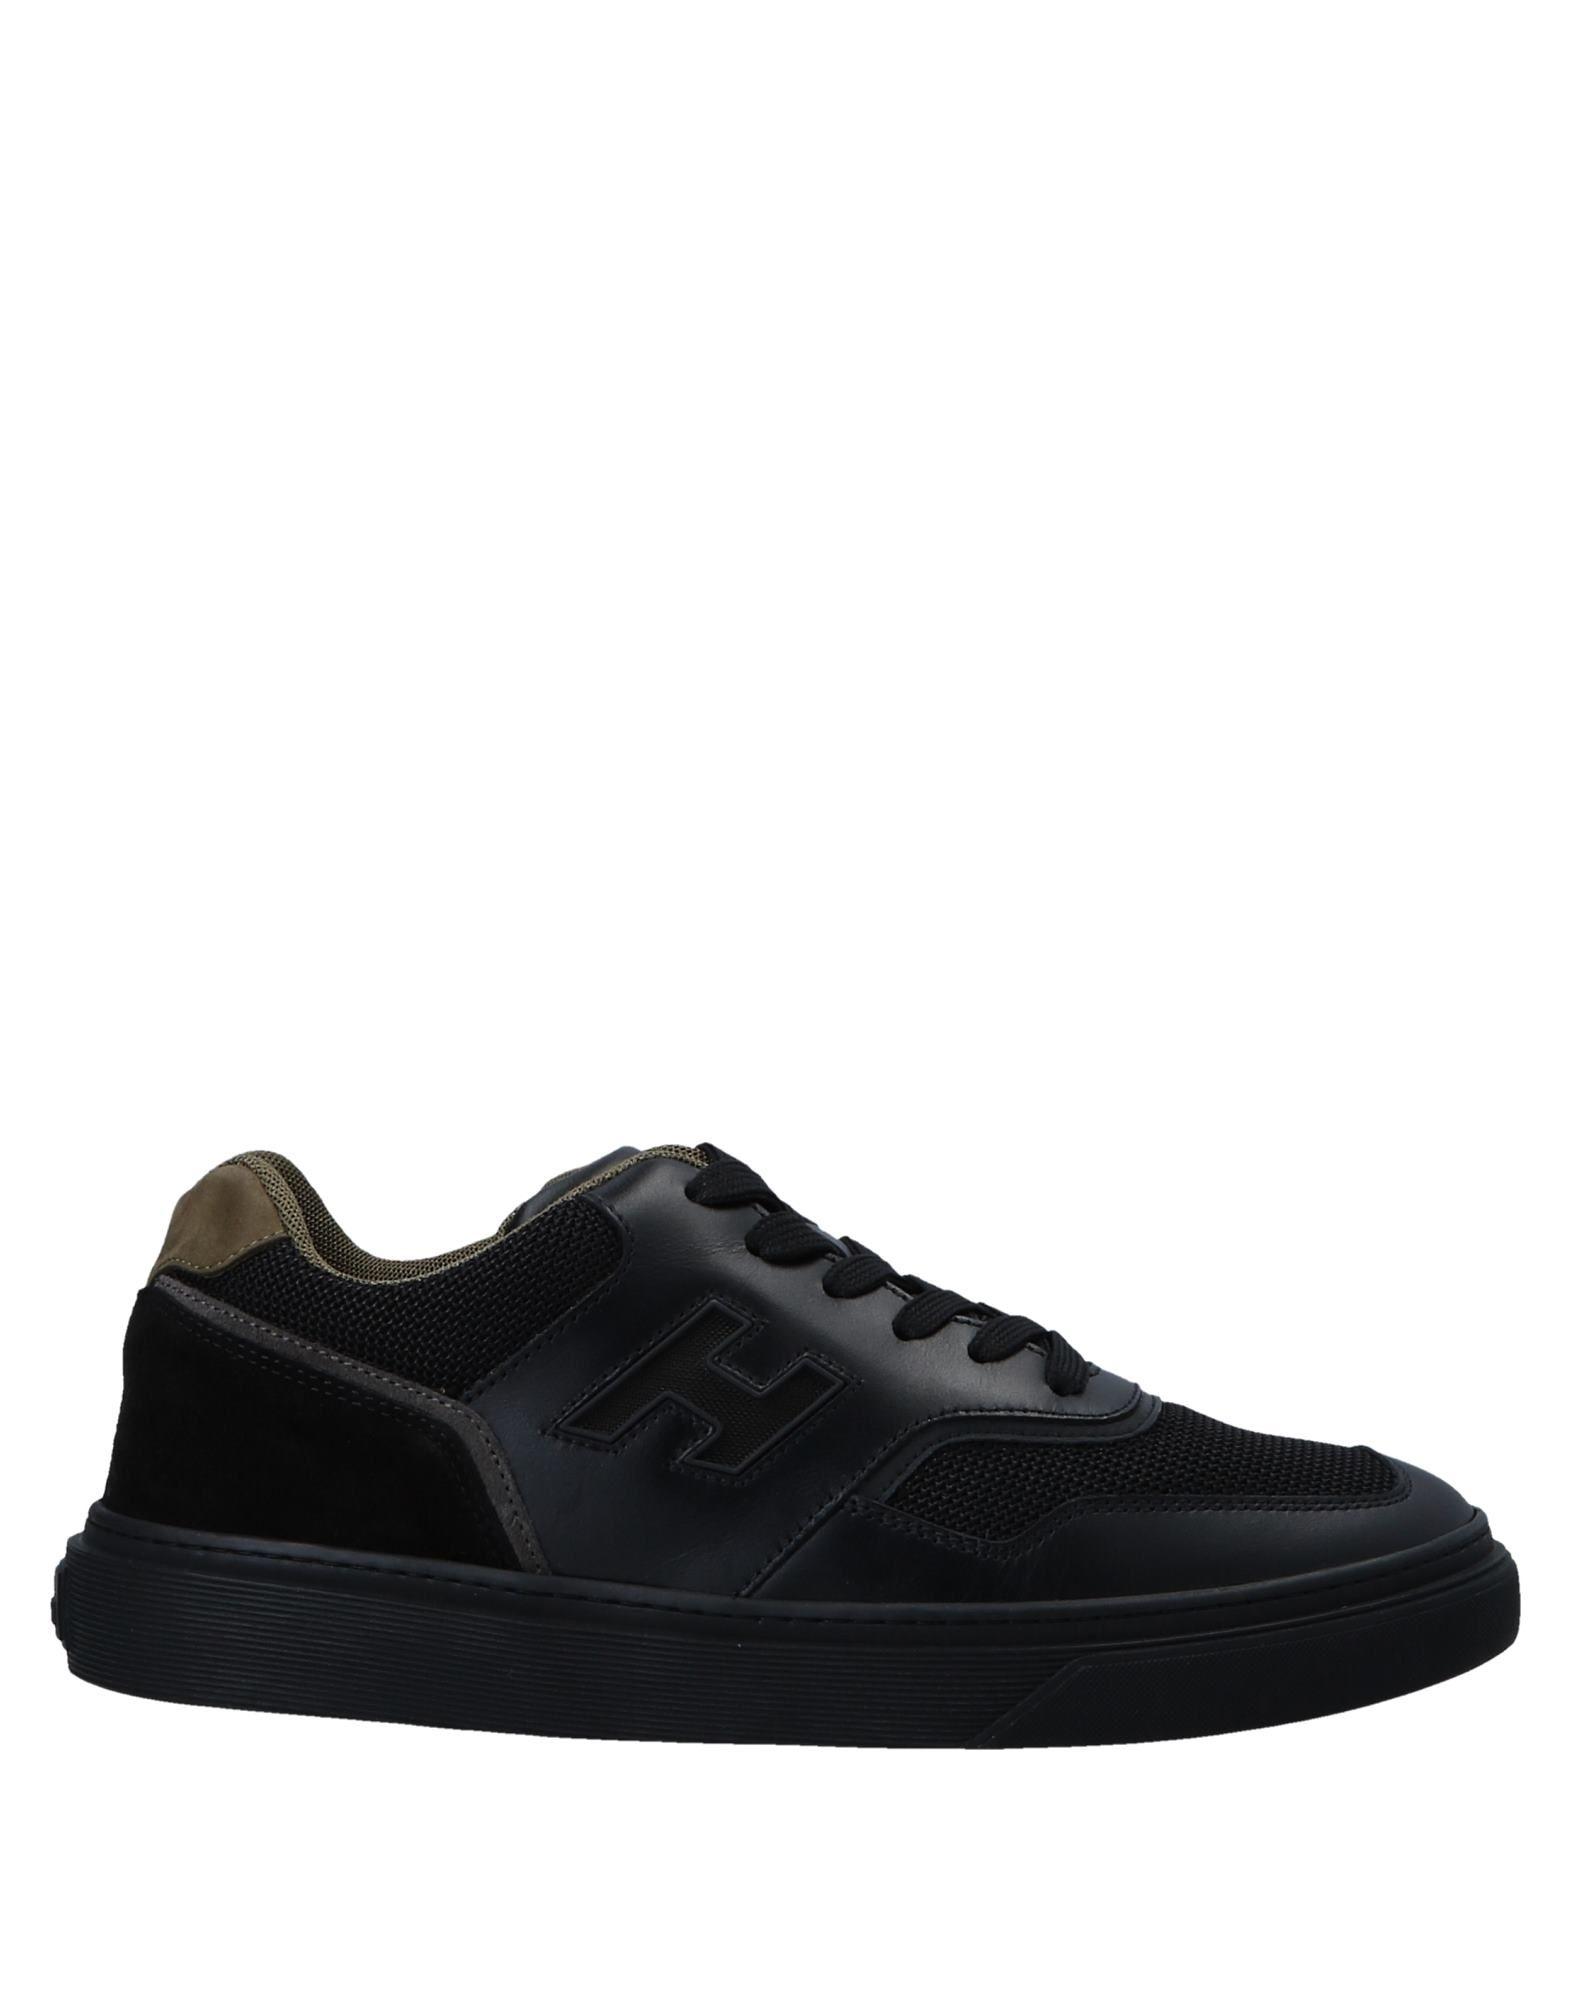 Hogan Sneakers Herren beliebte  11560305ON Gute Qualität beliebte Herren Schuhe bdd821